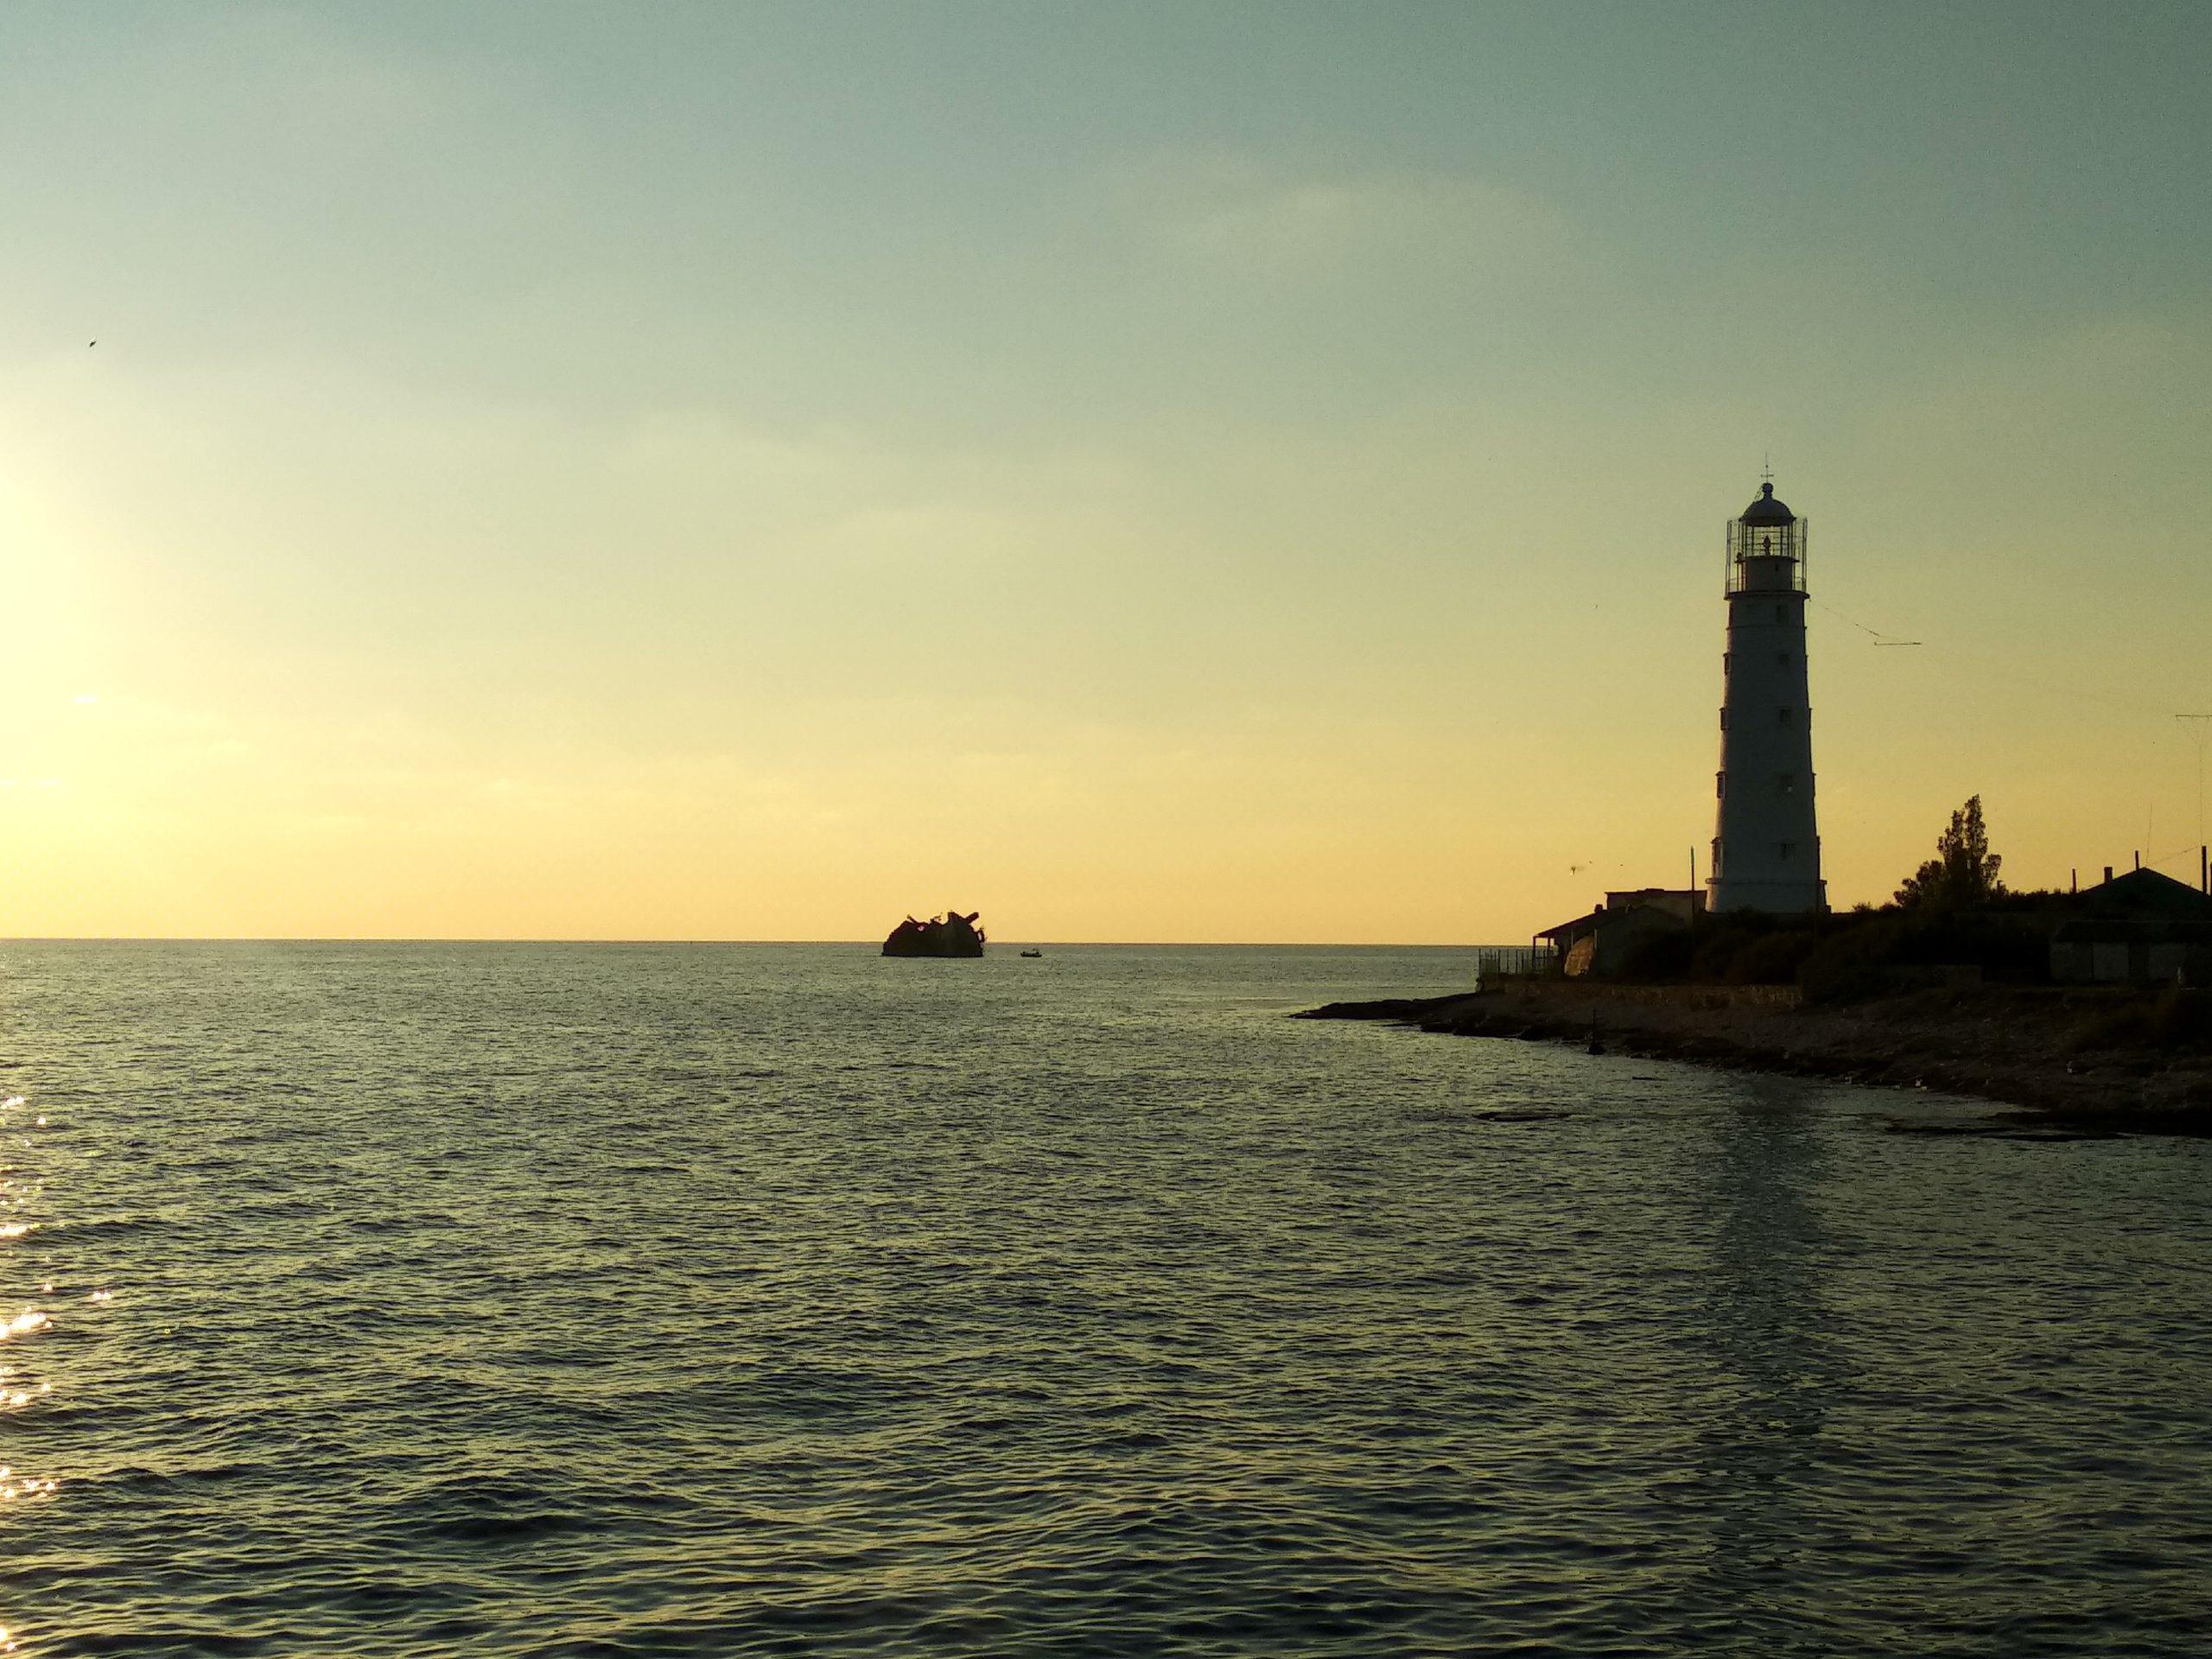 Новый маяк появится на Волге в Тверской области